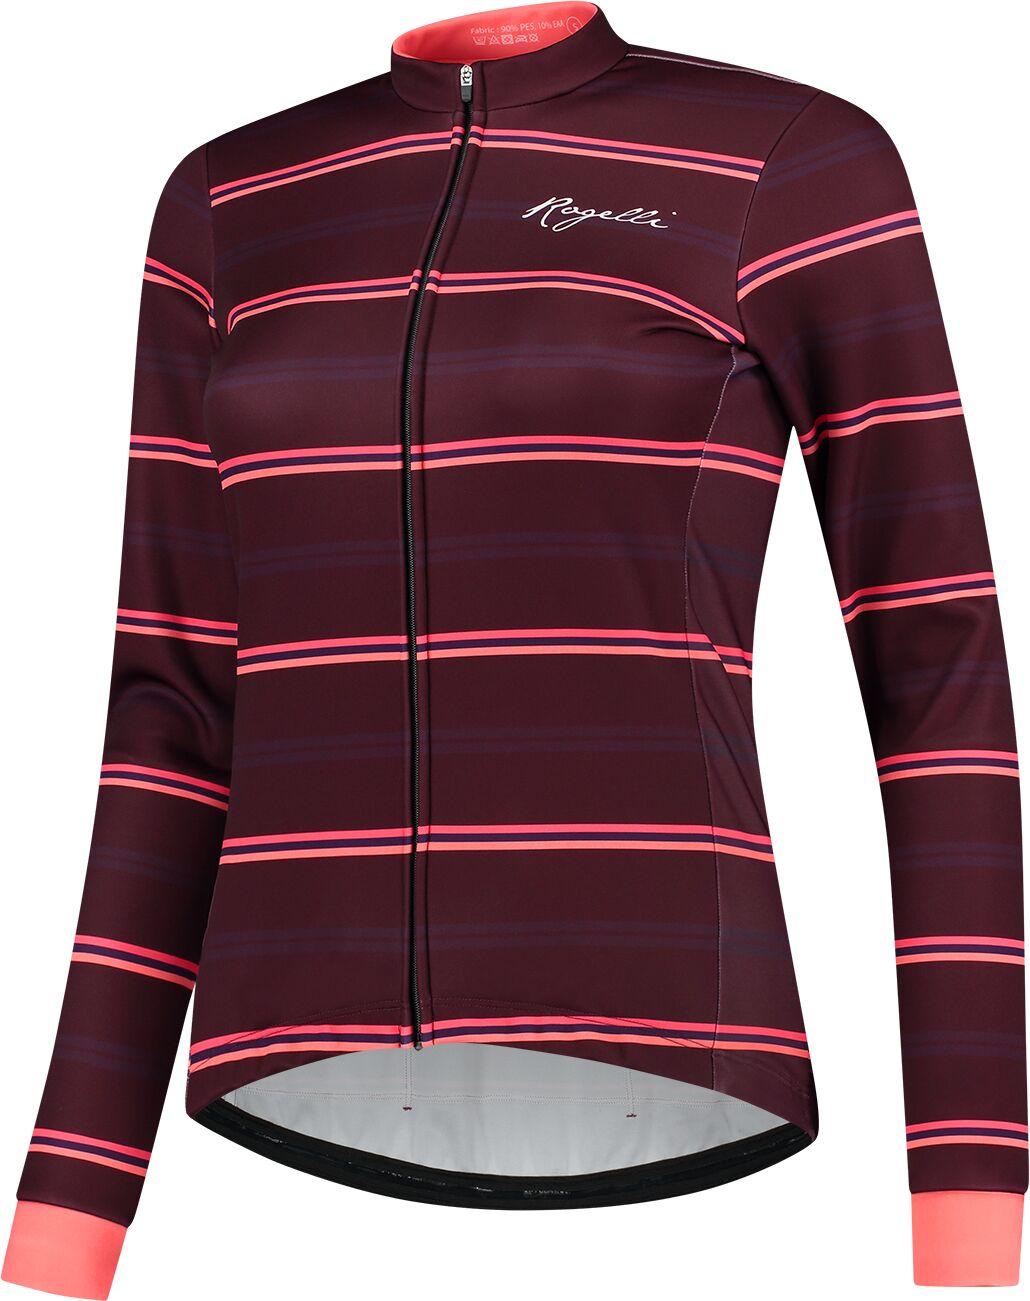 ROGELLI zimowa kurtka rowerowa damska STRIPE bordeaux/coral ROG351089 Rozmiar: M,ROG351089.XS